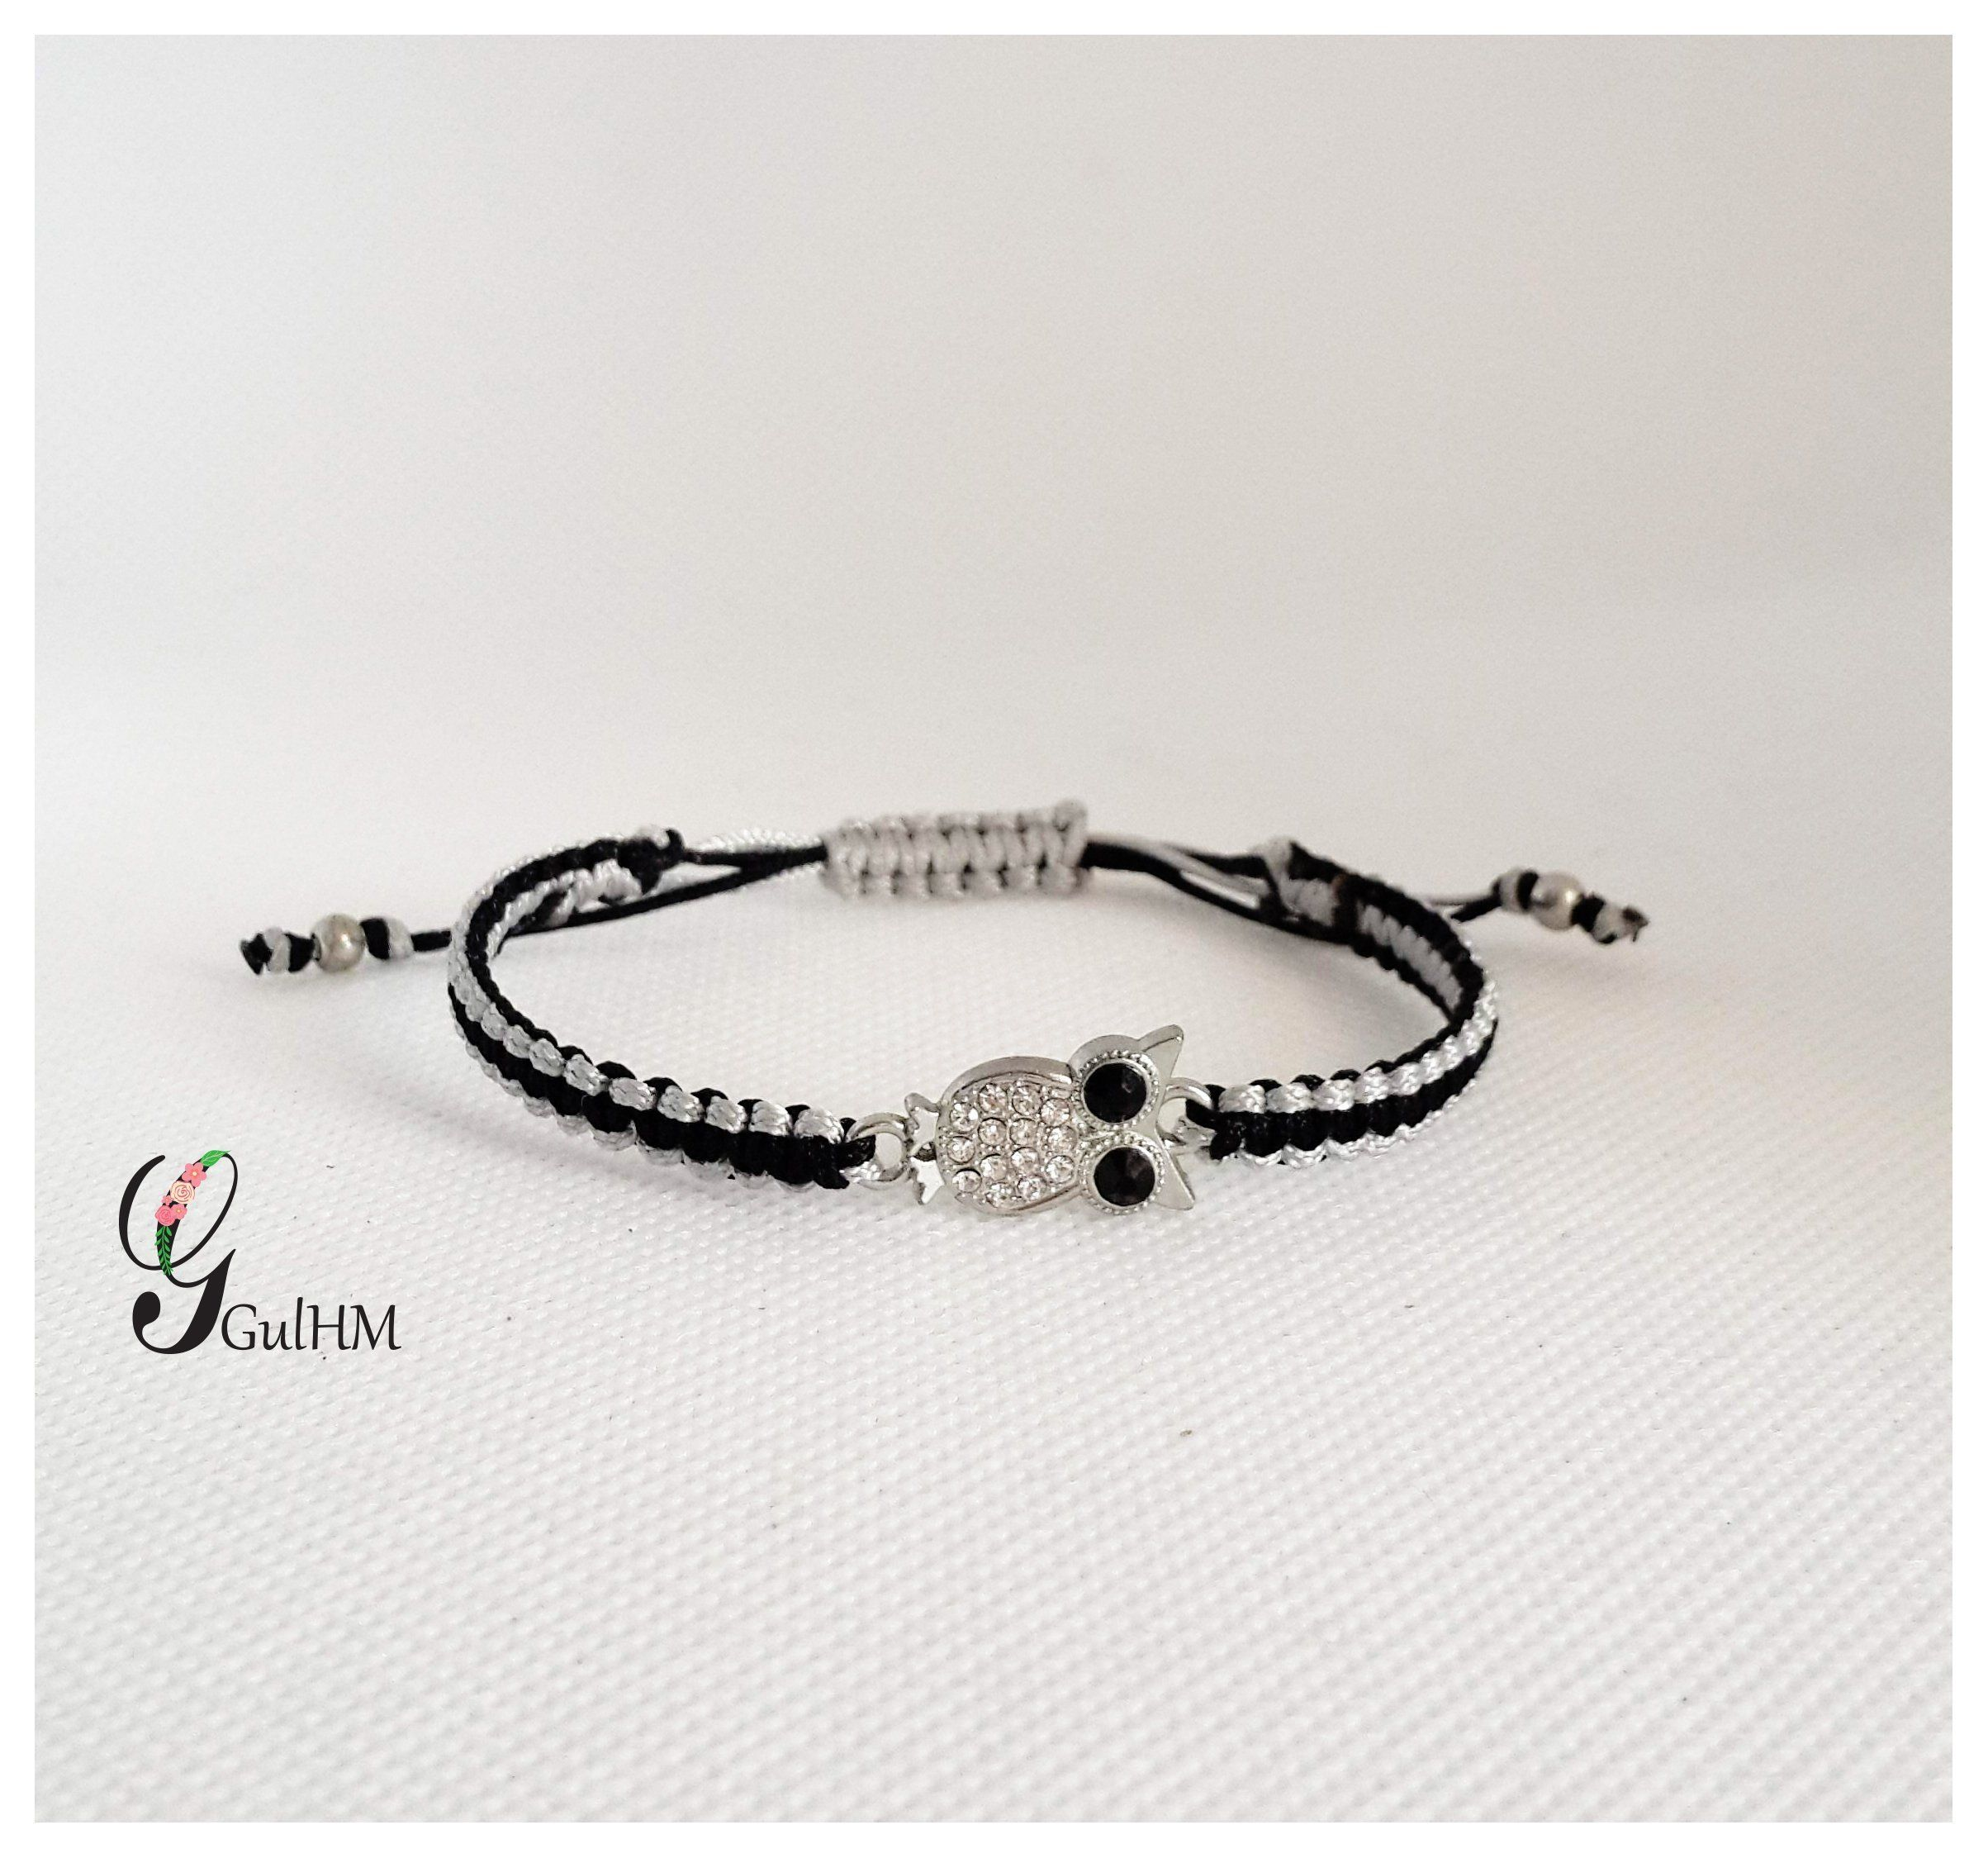 Owl braceletbracelet for womenmacrame braceletgift for womengift